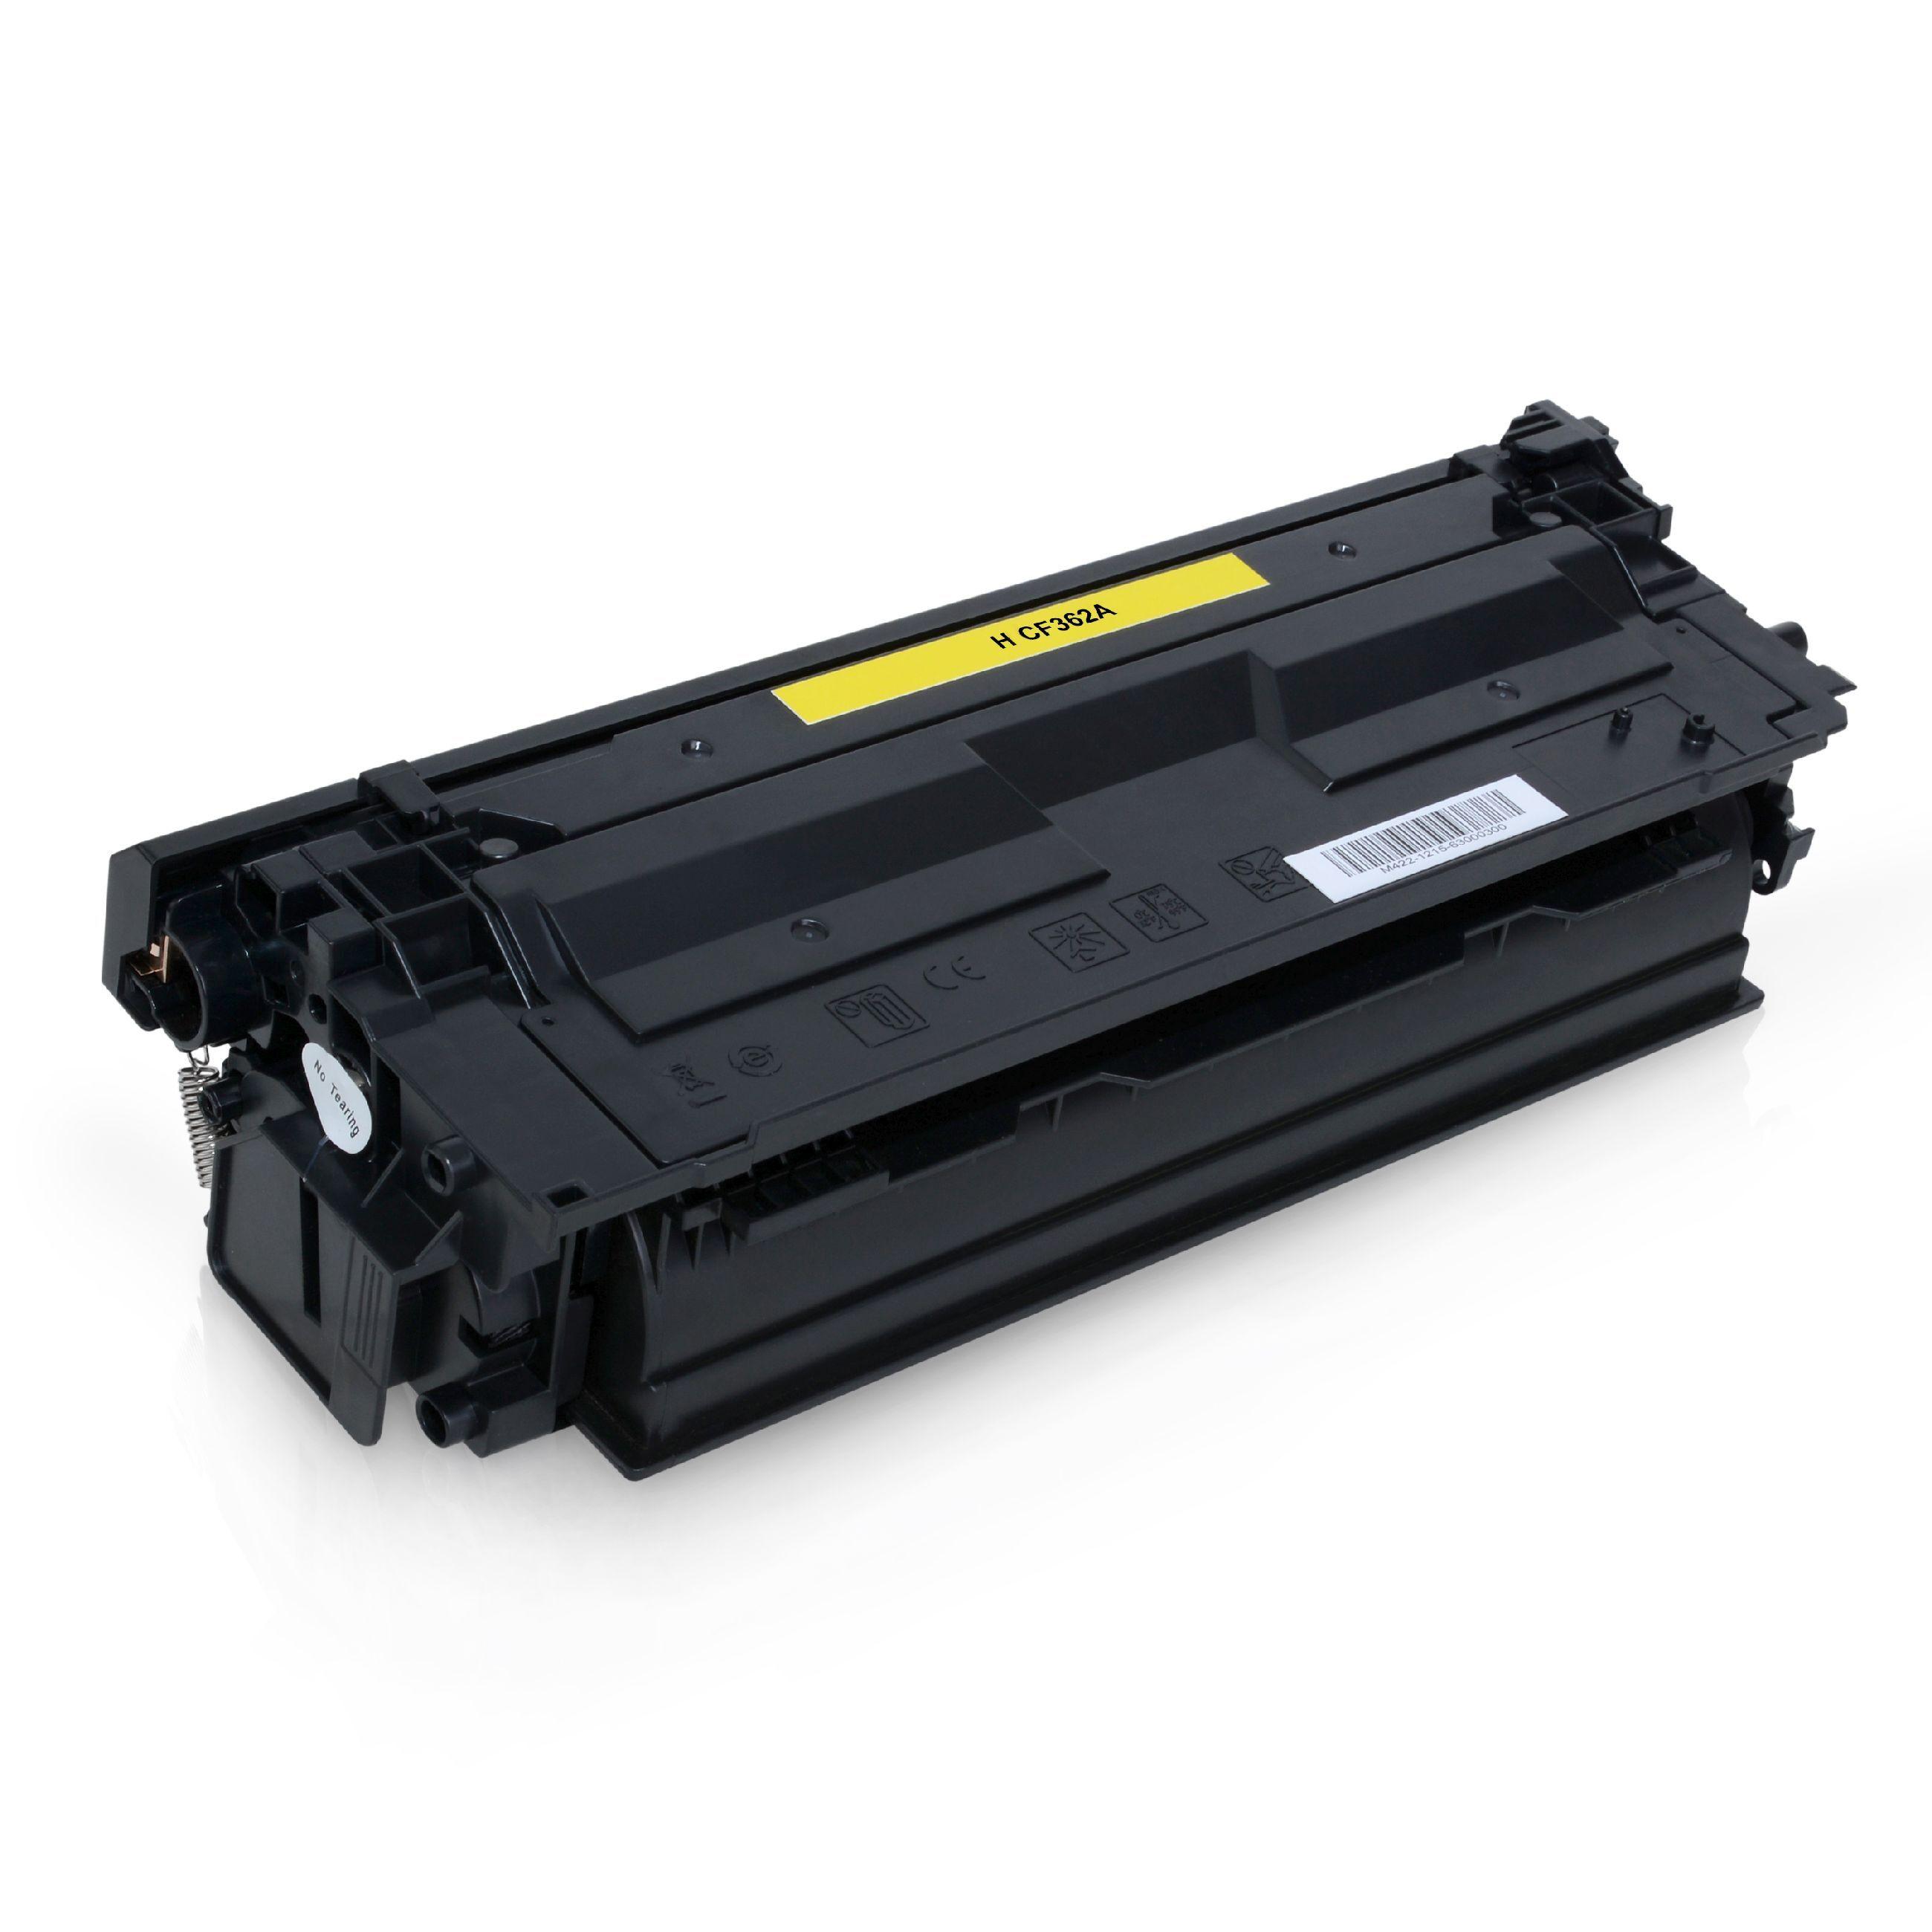 HP Cartouche de Toner pour HP CF362A / 508A jaune compatible (de marque ASC)